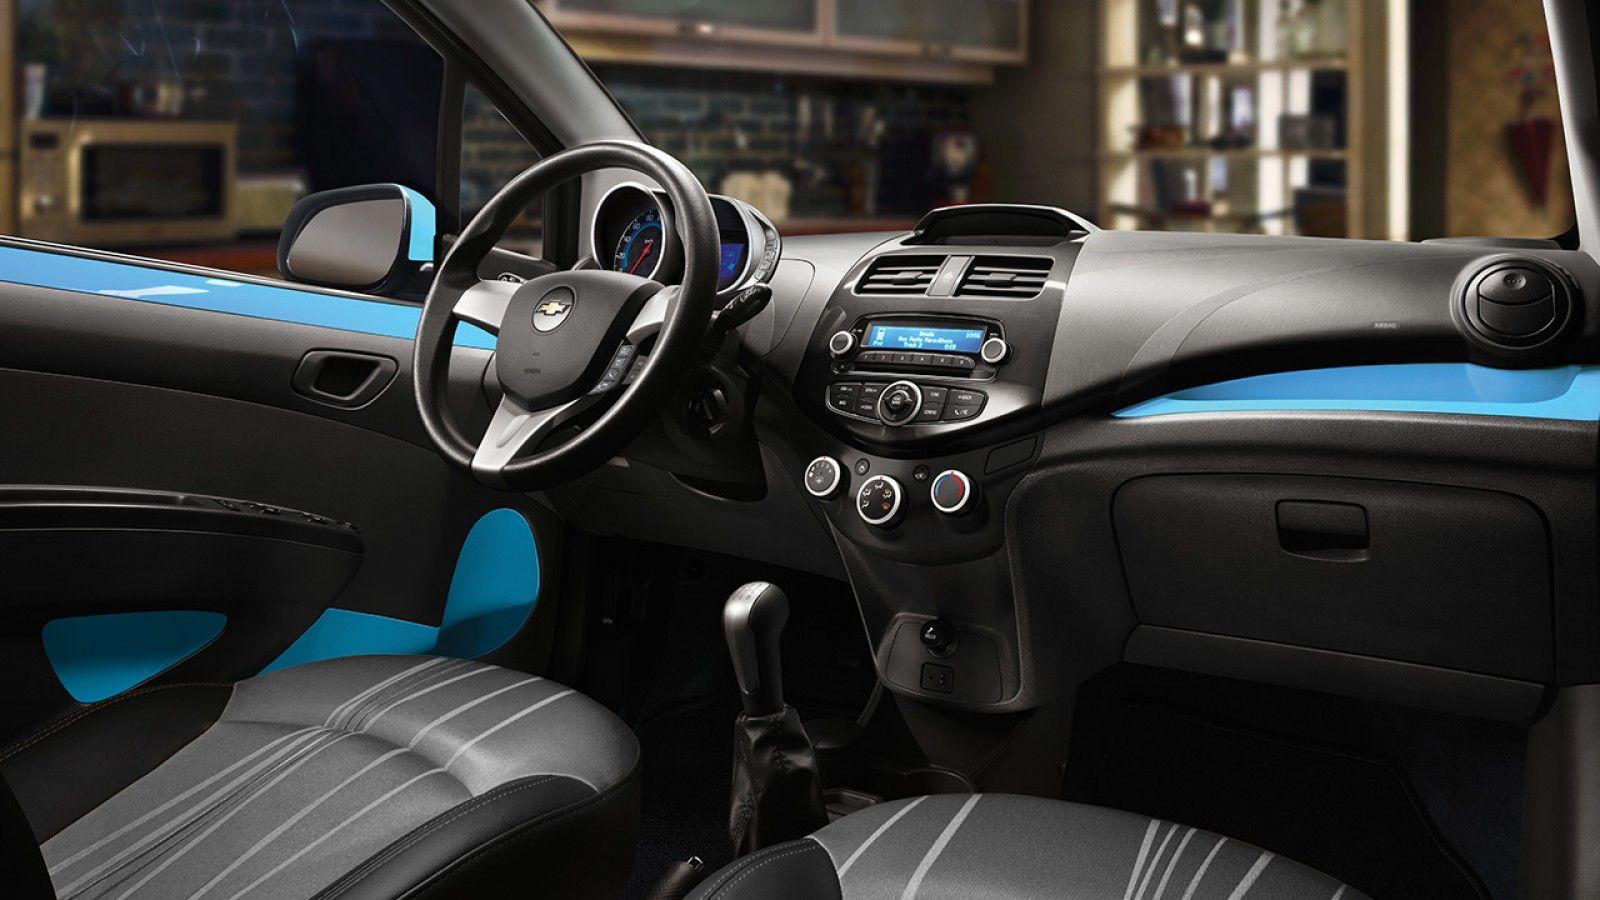 Chevrolet Spark 2015 Interior Con Iluminacion Ambiental